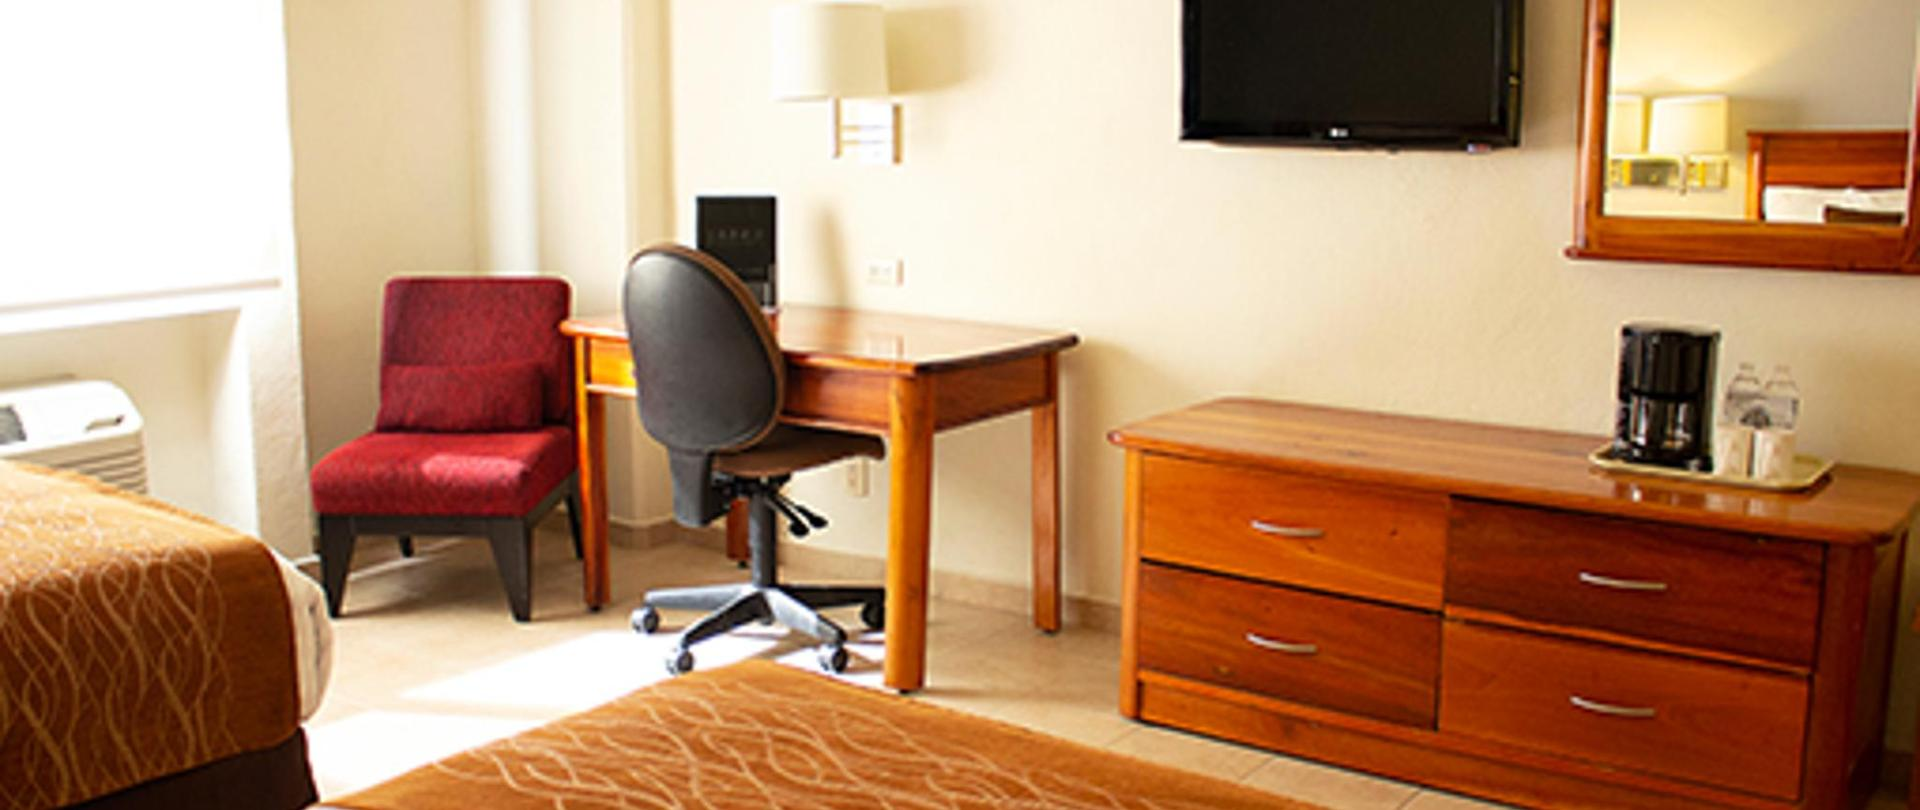 w-habitación-5.jpg